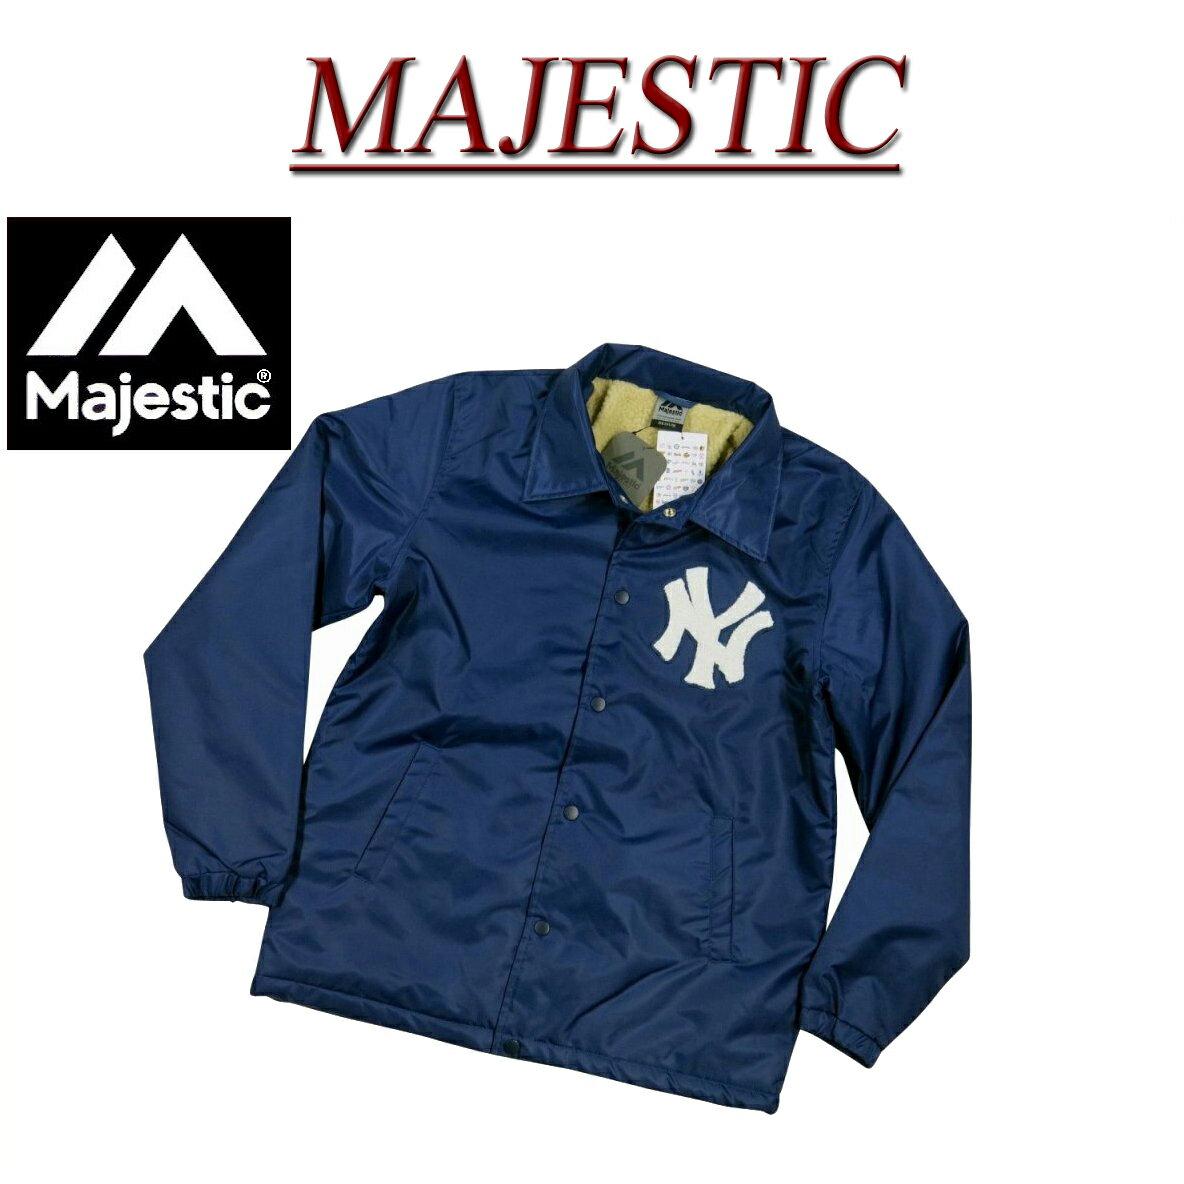 【2017秋冬 5サイズ】 jb941 新品 MAJESTIC ニューヨーク ヤンキース さがら刺繍 裏ボア コーチジャケット MM23-NYK-0106 メンズ マジェスティック New York Yankees MLB OFFICIAL WEAR NY ウインドブレーカー ナイロンジャケット